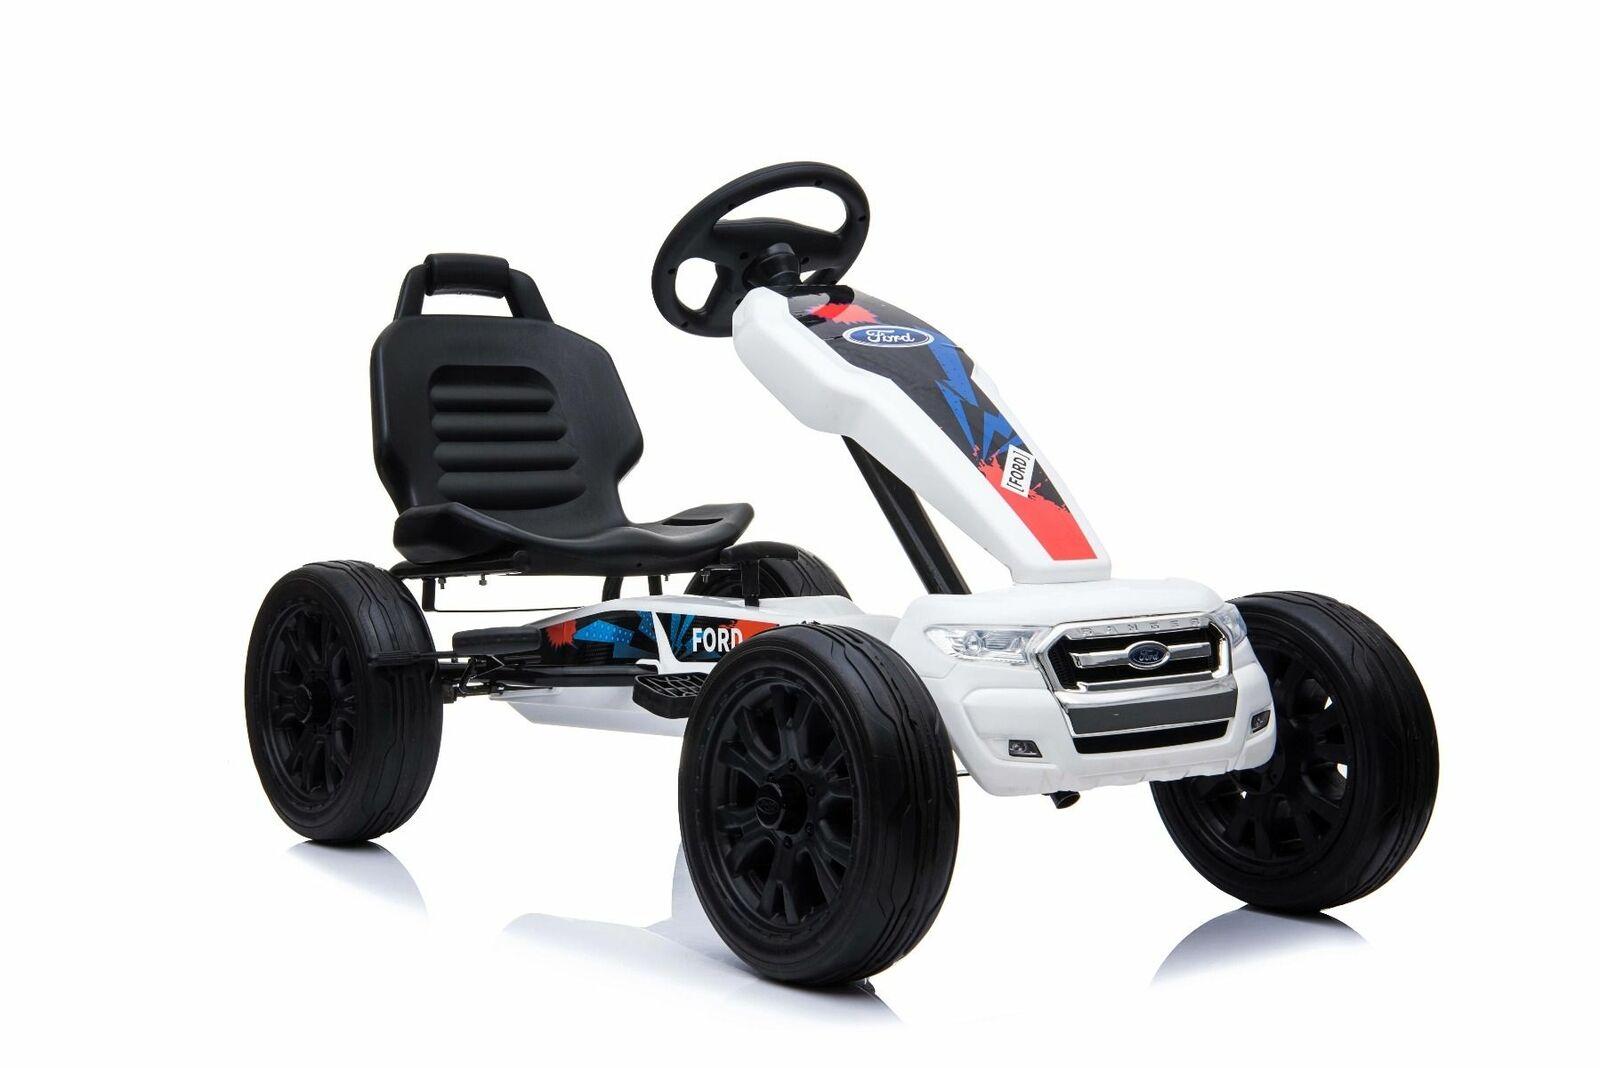 Go-Kart Ford Gocart Kinder Tretauto voituret Gokart Tretfahrzeug mit leerlauf Eva